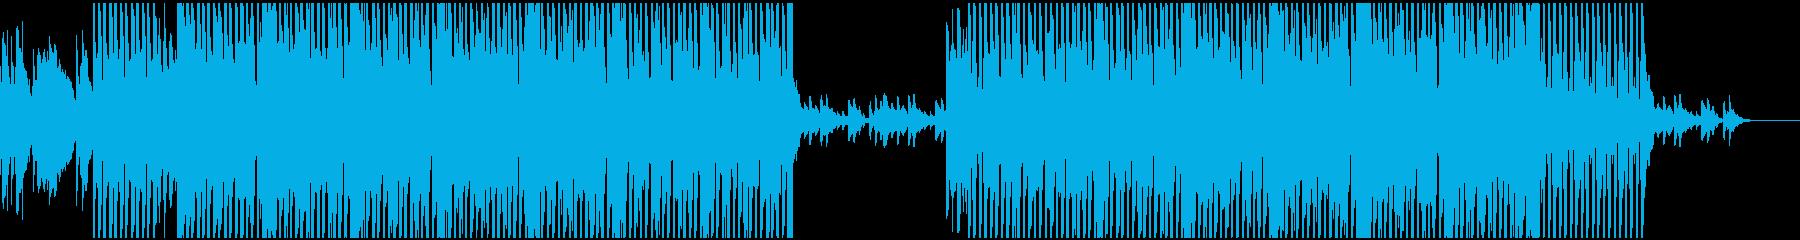 弾くベースとピアノのBGM(テクノ)の再生済みの波形